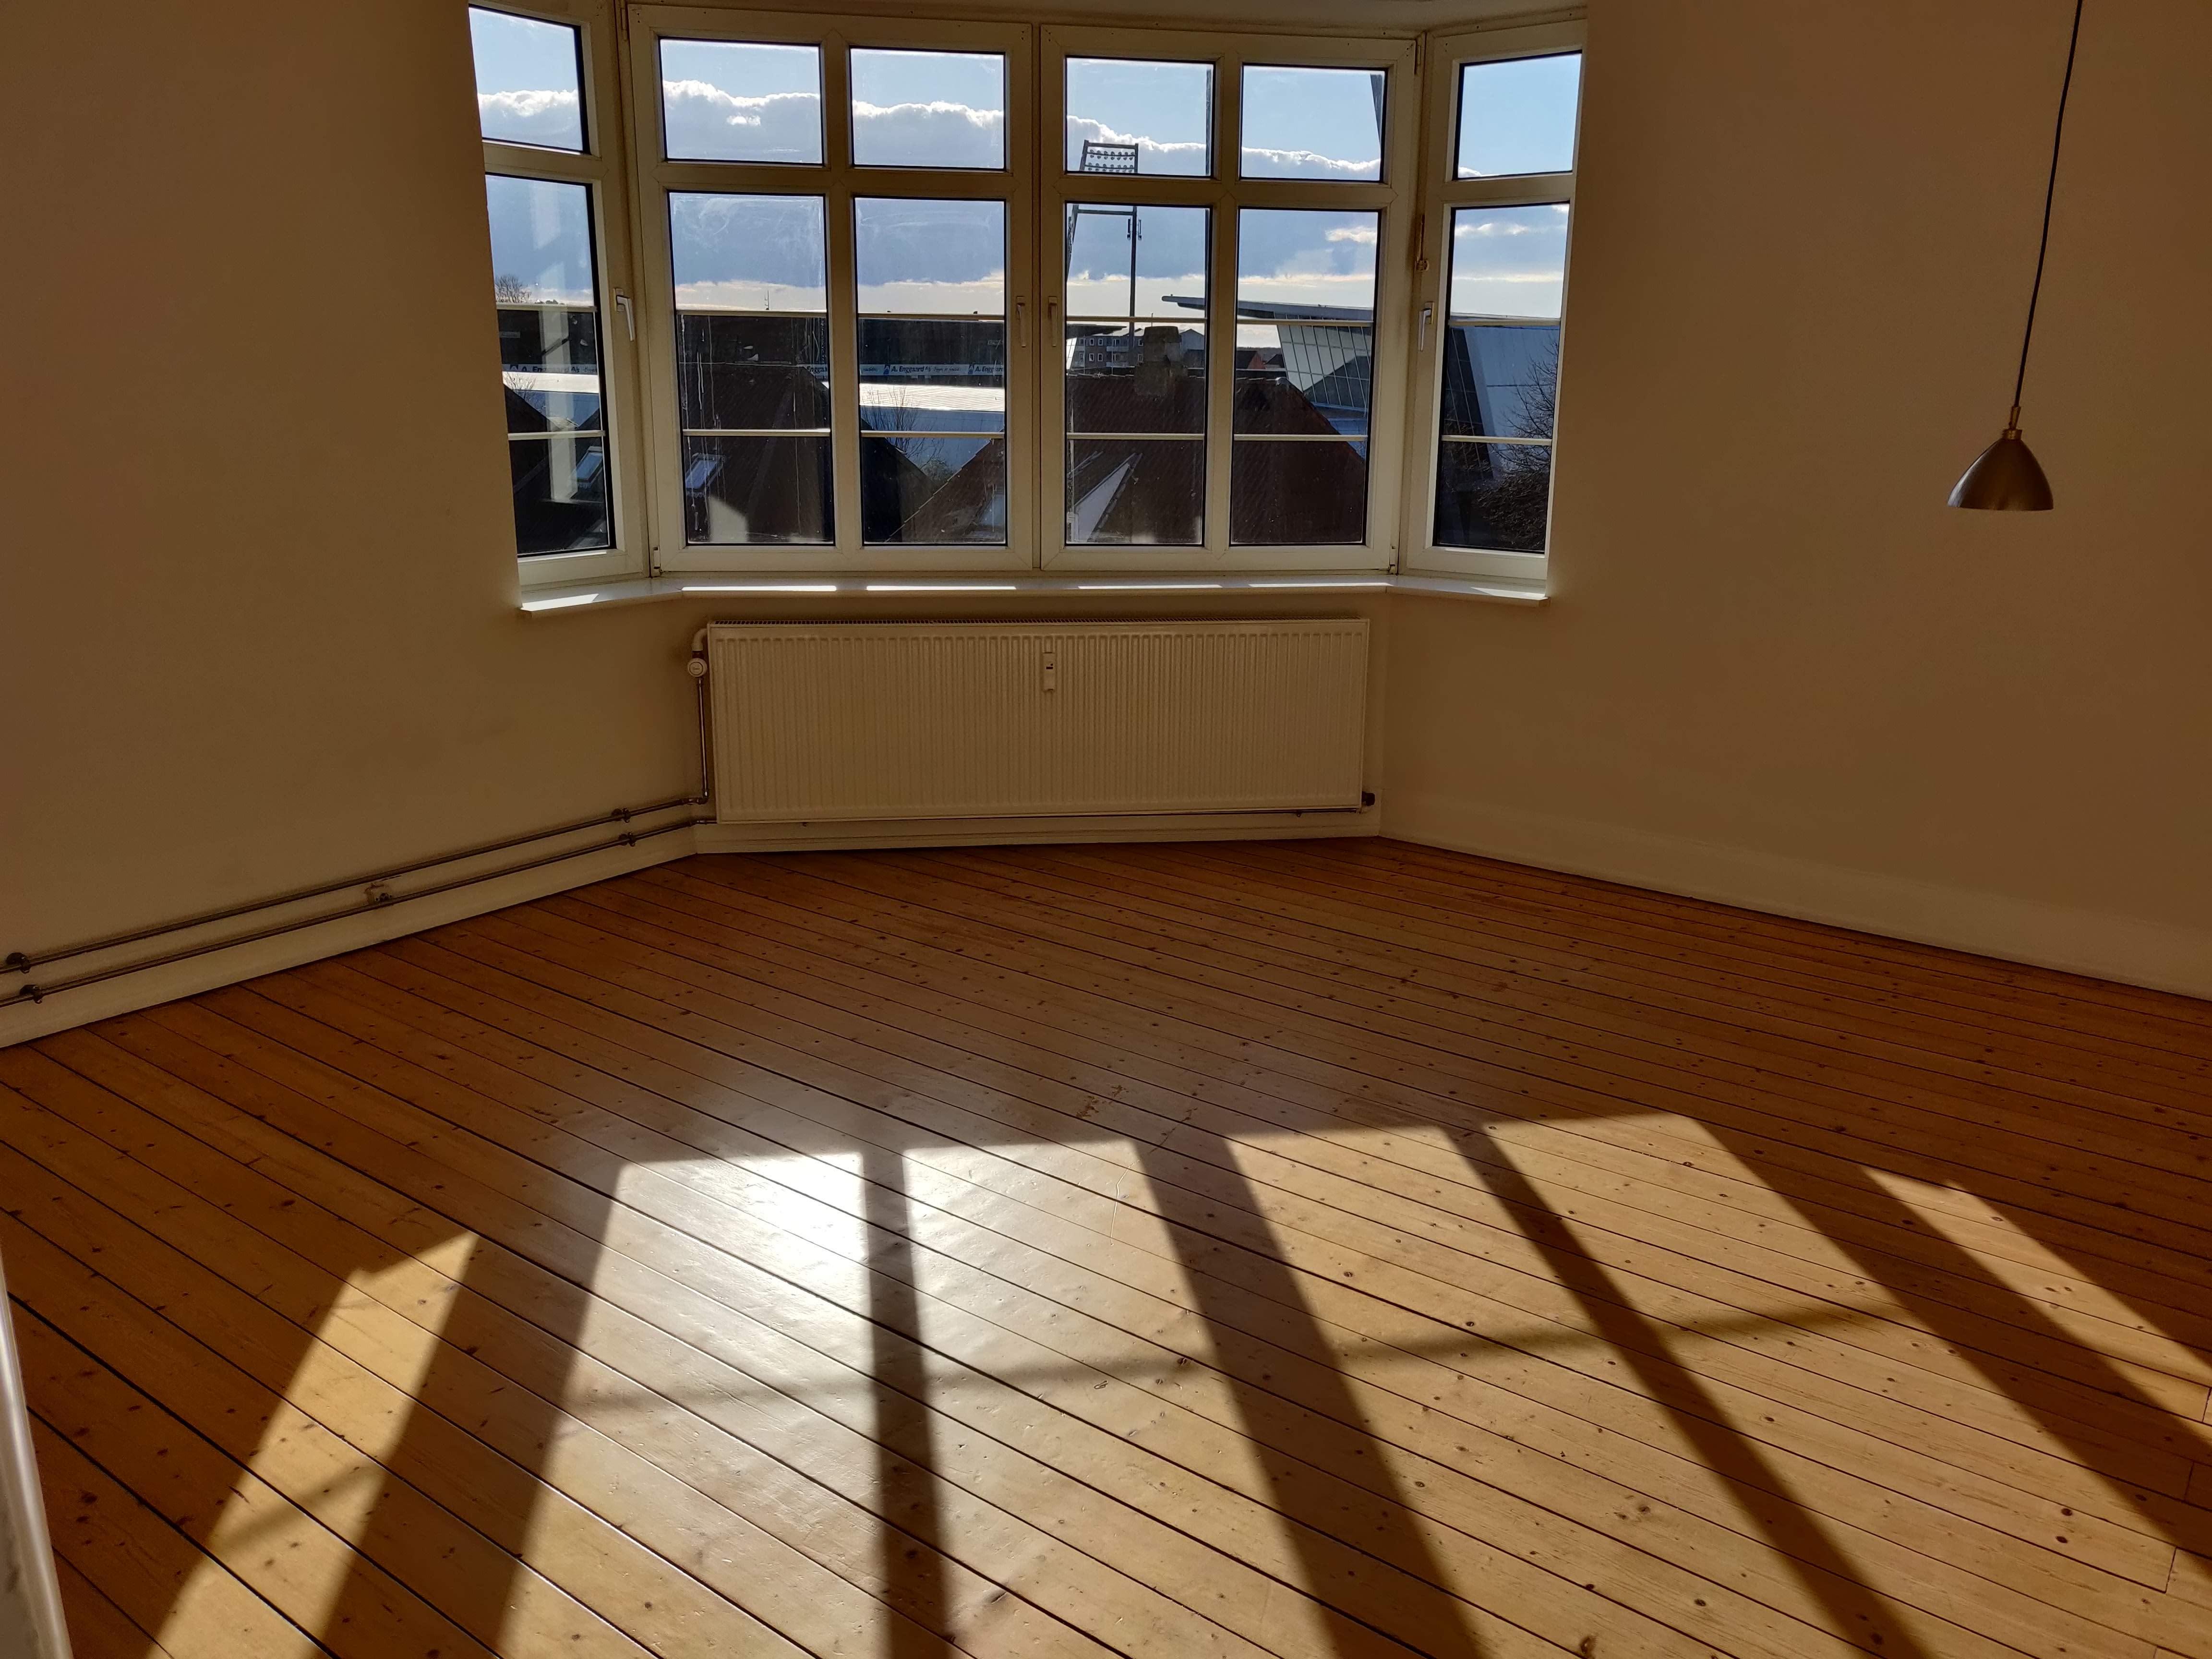 Værelse i 4-værelses lejlighed på 124 m2